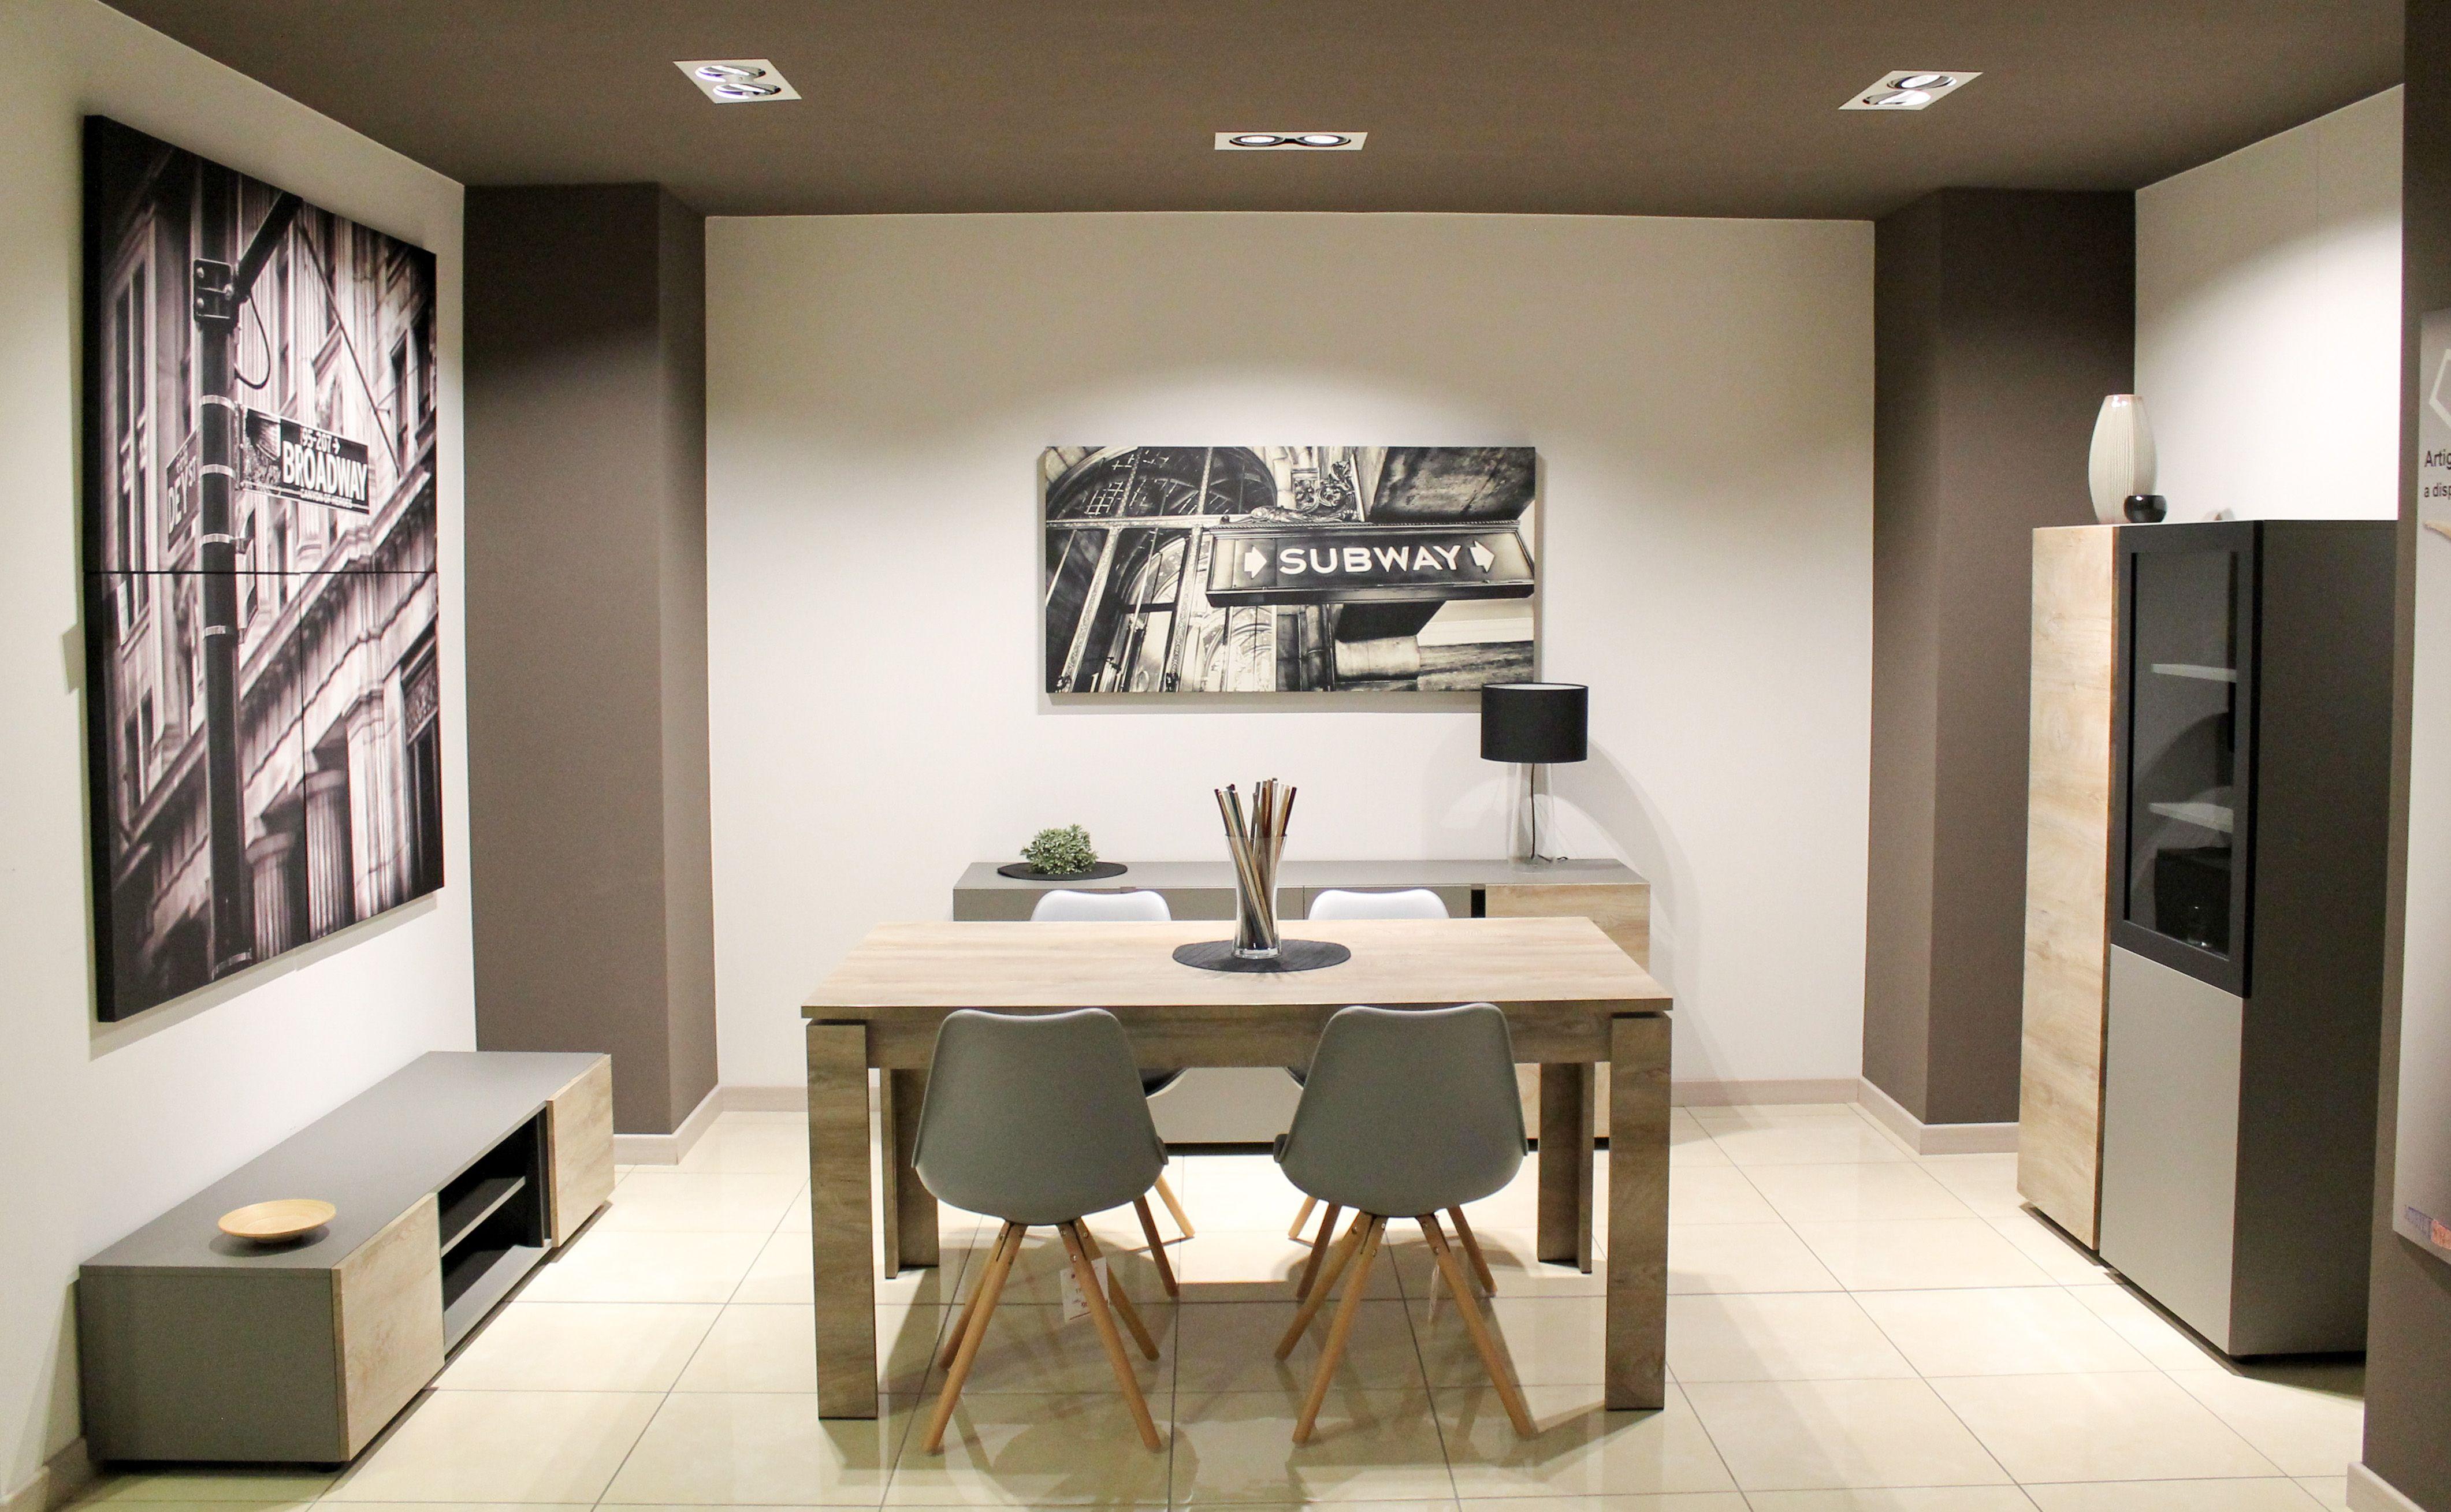 Con vetrina madia baseTV e tavolo dal design moderno contraddistinti dall accostamento di diverse finiture tra opaco e essenza legno